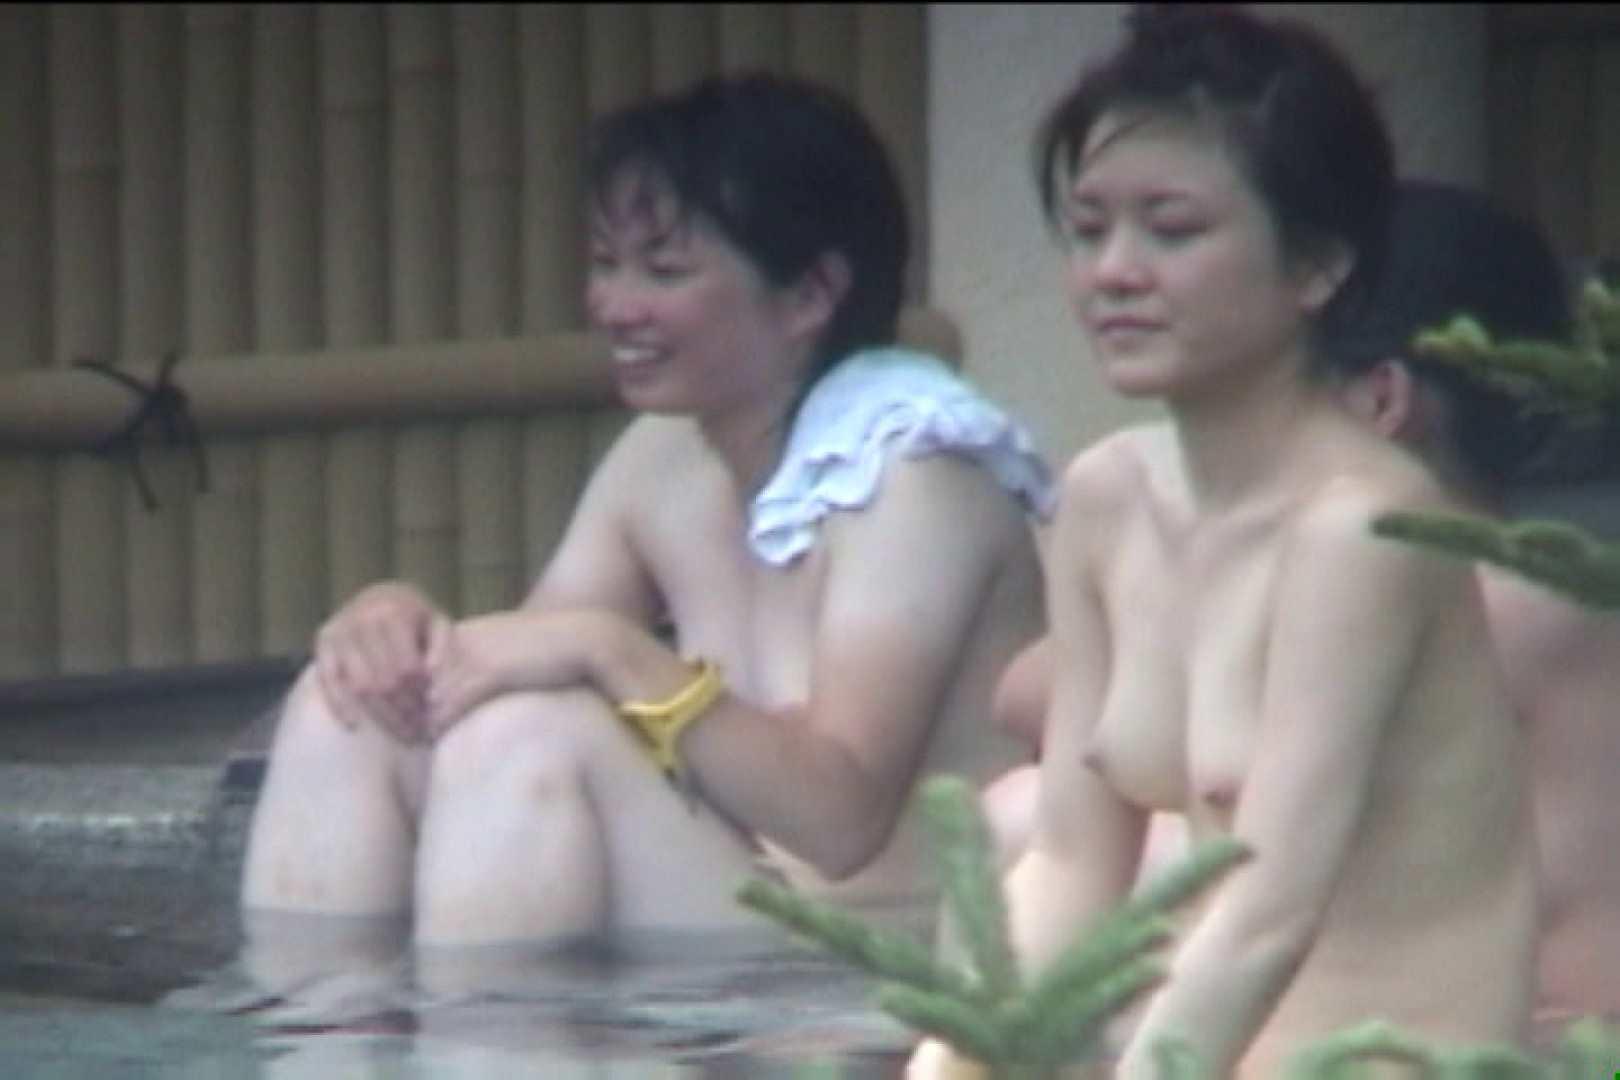 Aquaな露天風呂Vol.94【VIP限定】 露天風呂 | 盗撮動画  11枚 1